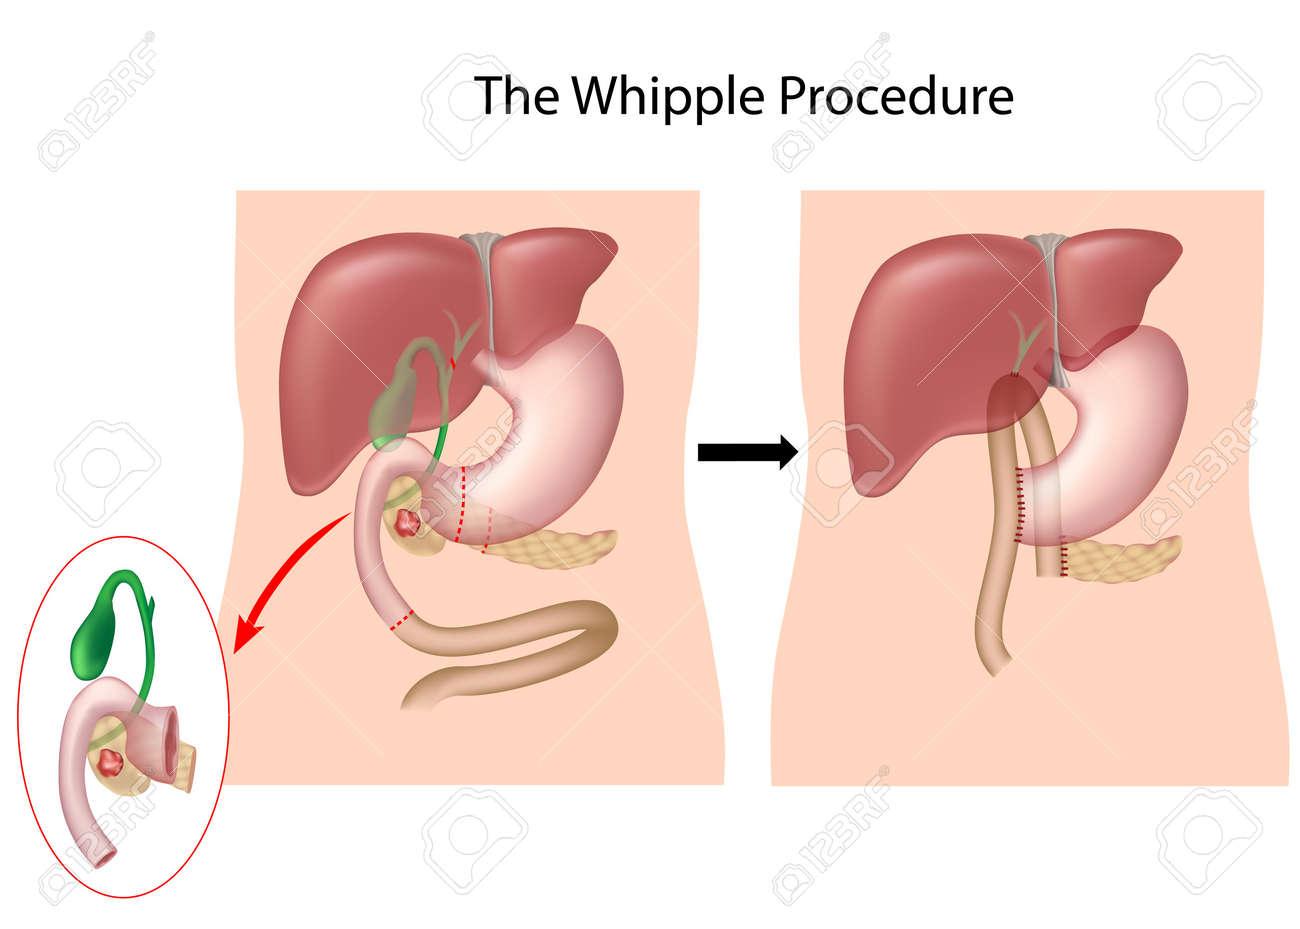 Die Whipple-Verfahren Zur Behandlung Von Bauchspeicheldrüsenkrebs ...